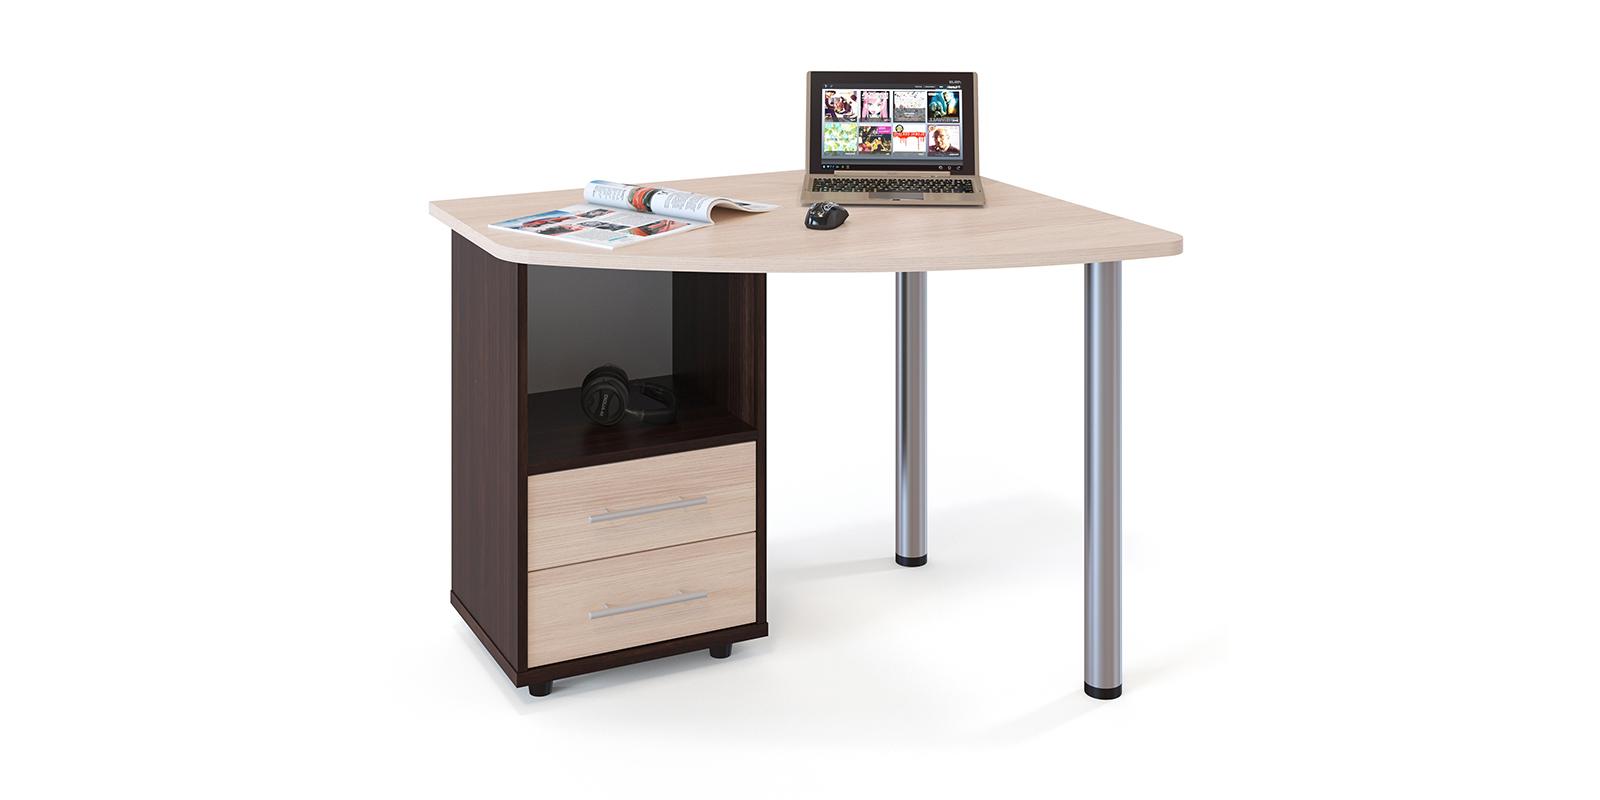 Стол компьютерный Гала левый угол (венге/беленый дуб) Гала